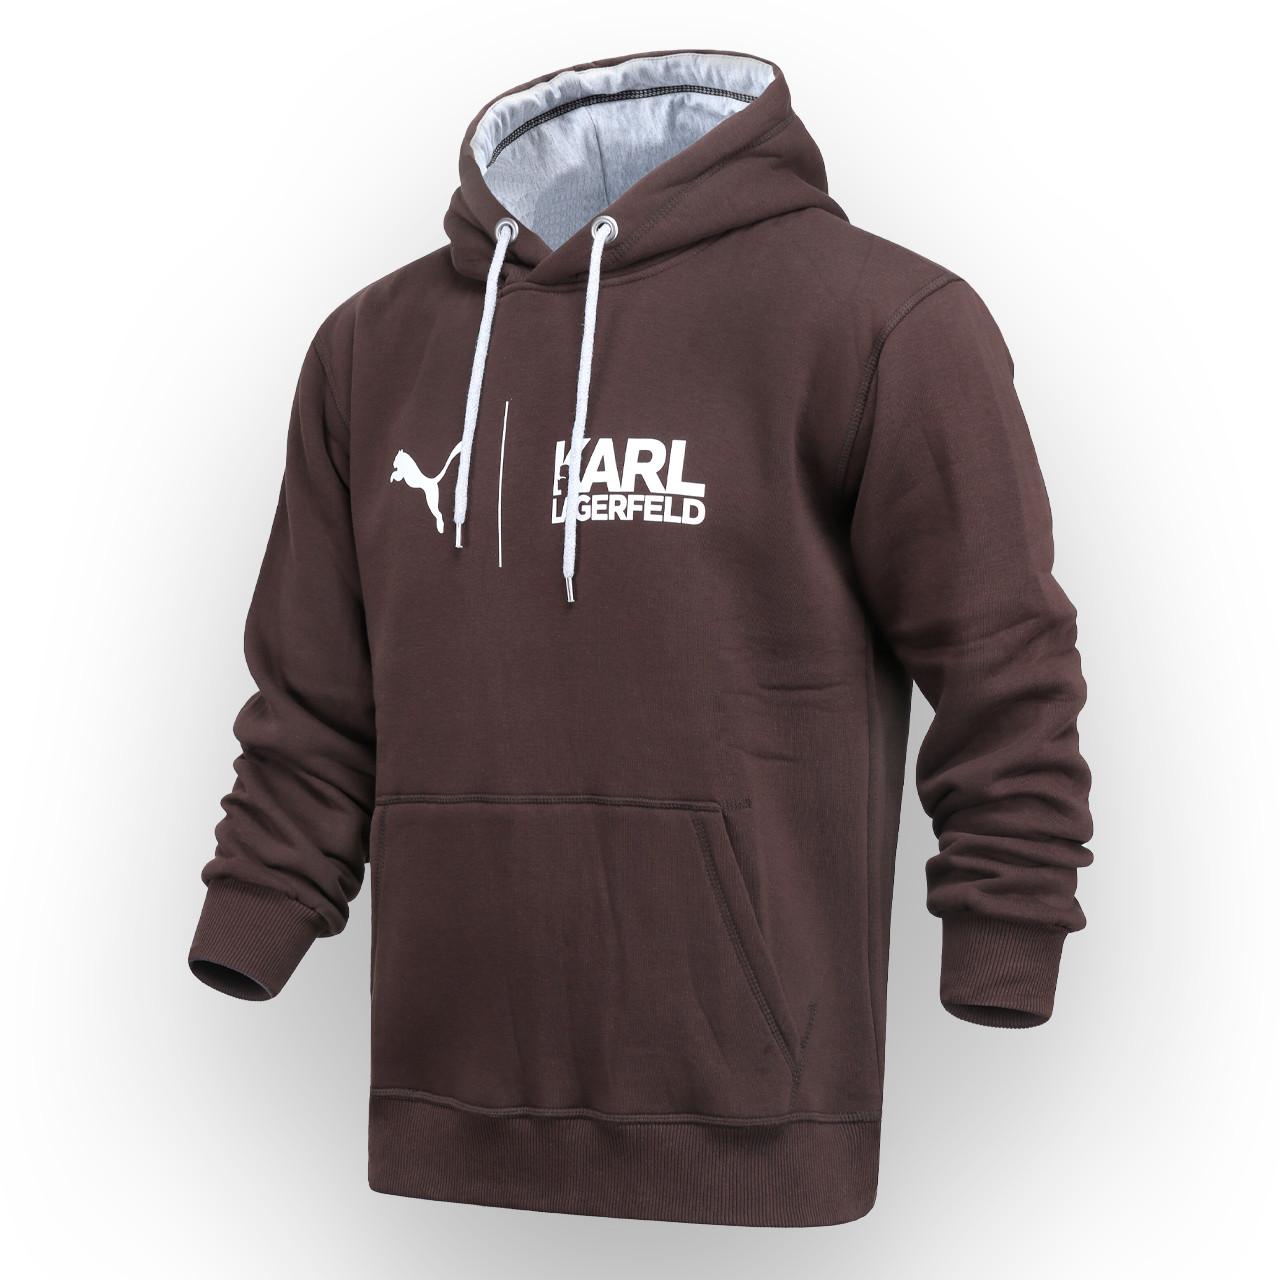 Худи осень-зима мужские коричневый KARL LAGERFELD - PUMA Т-2 BRN S(Р) 21-470-203